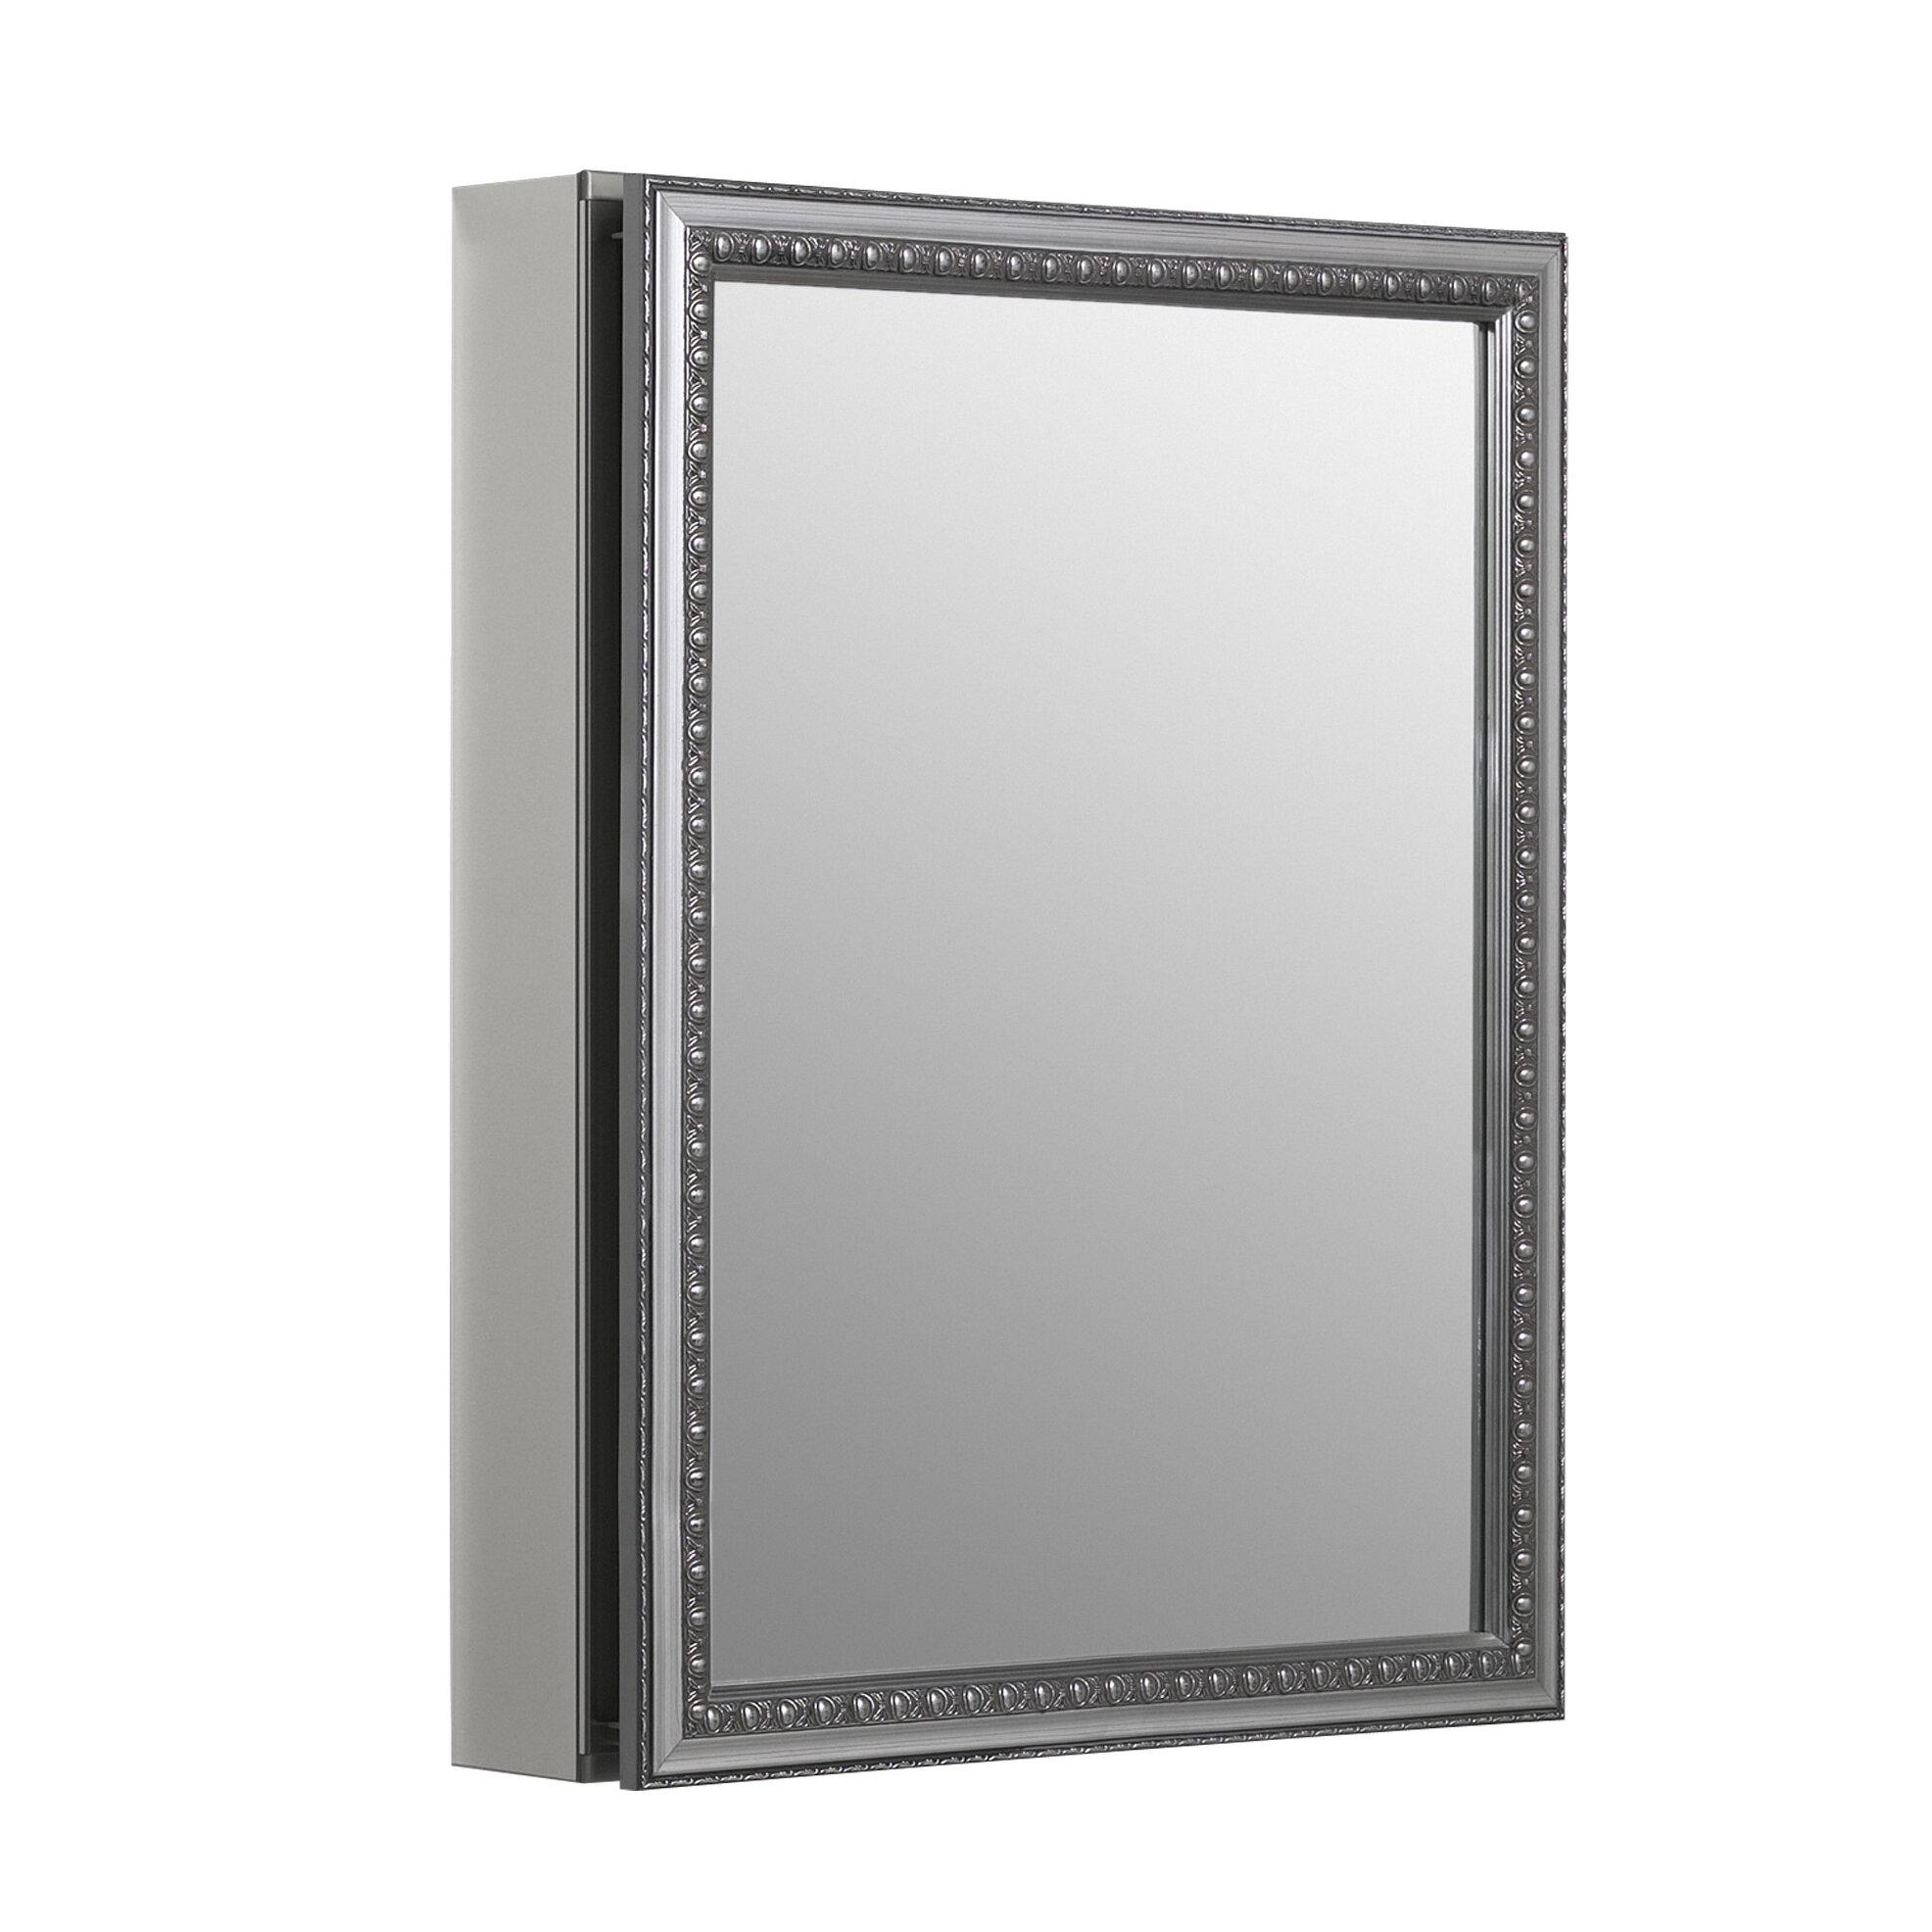 K Cb Clw2026ss Kohler 20 X 26 Recessed Or Surface Mount Framed Medicine Cabinet With 2 Adjule Shelves Reviews Wayfair